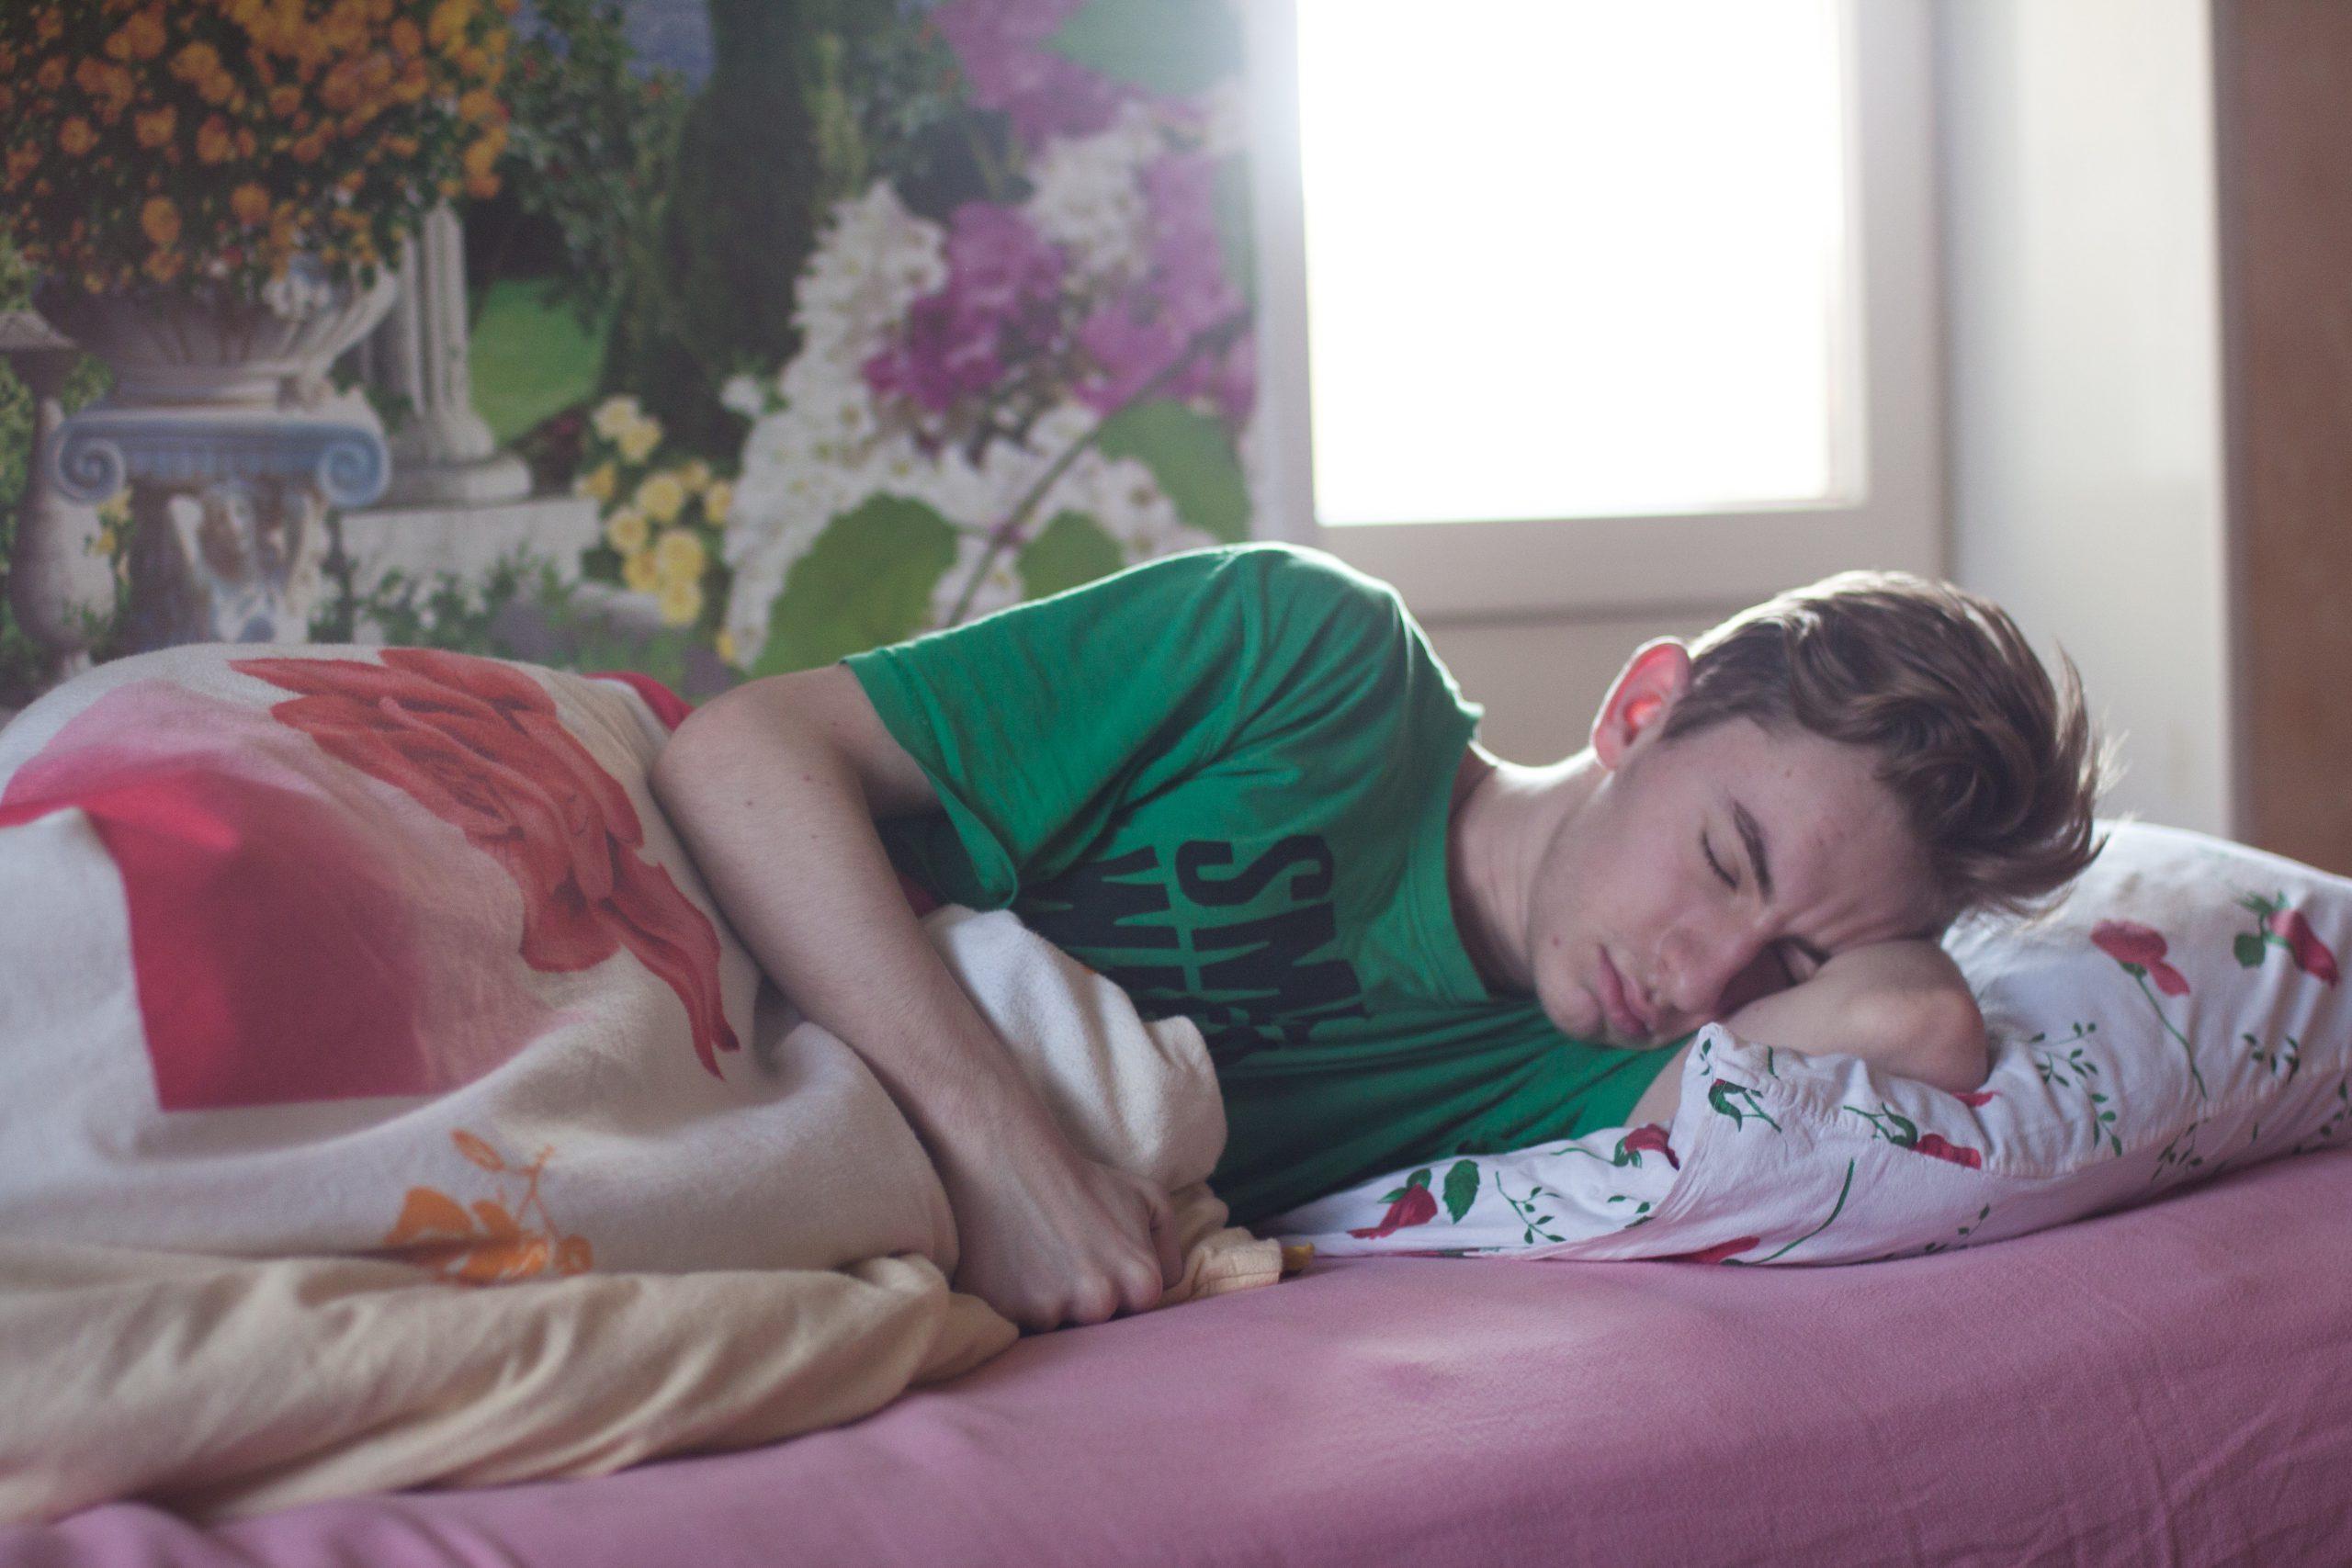 man-wearing-green-printed-crew-neck-shirt-while-sleeping-296817